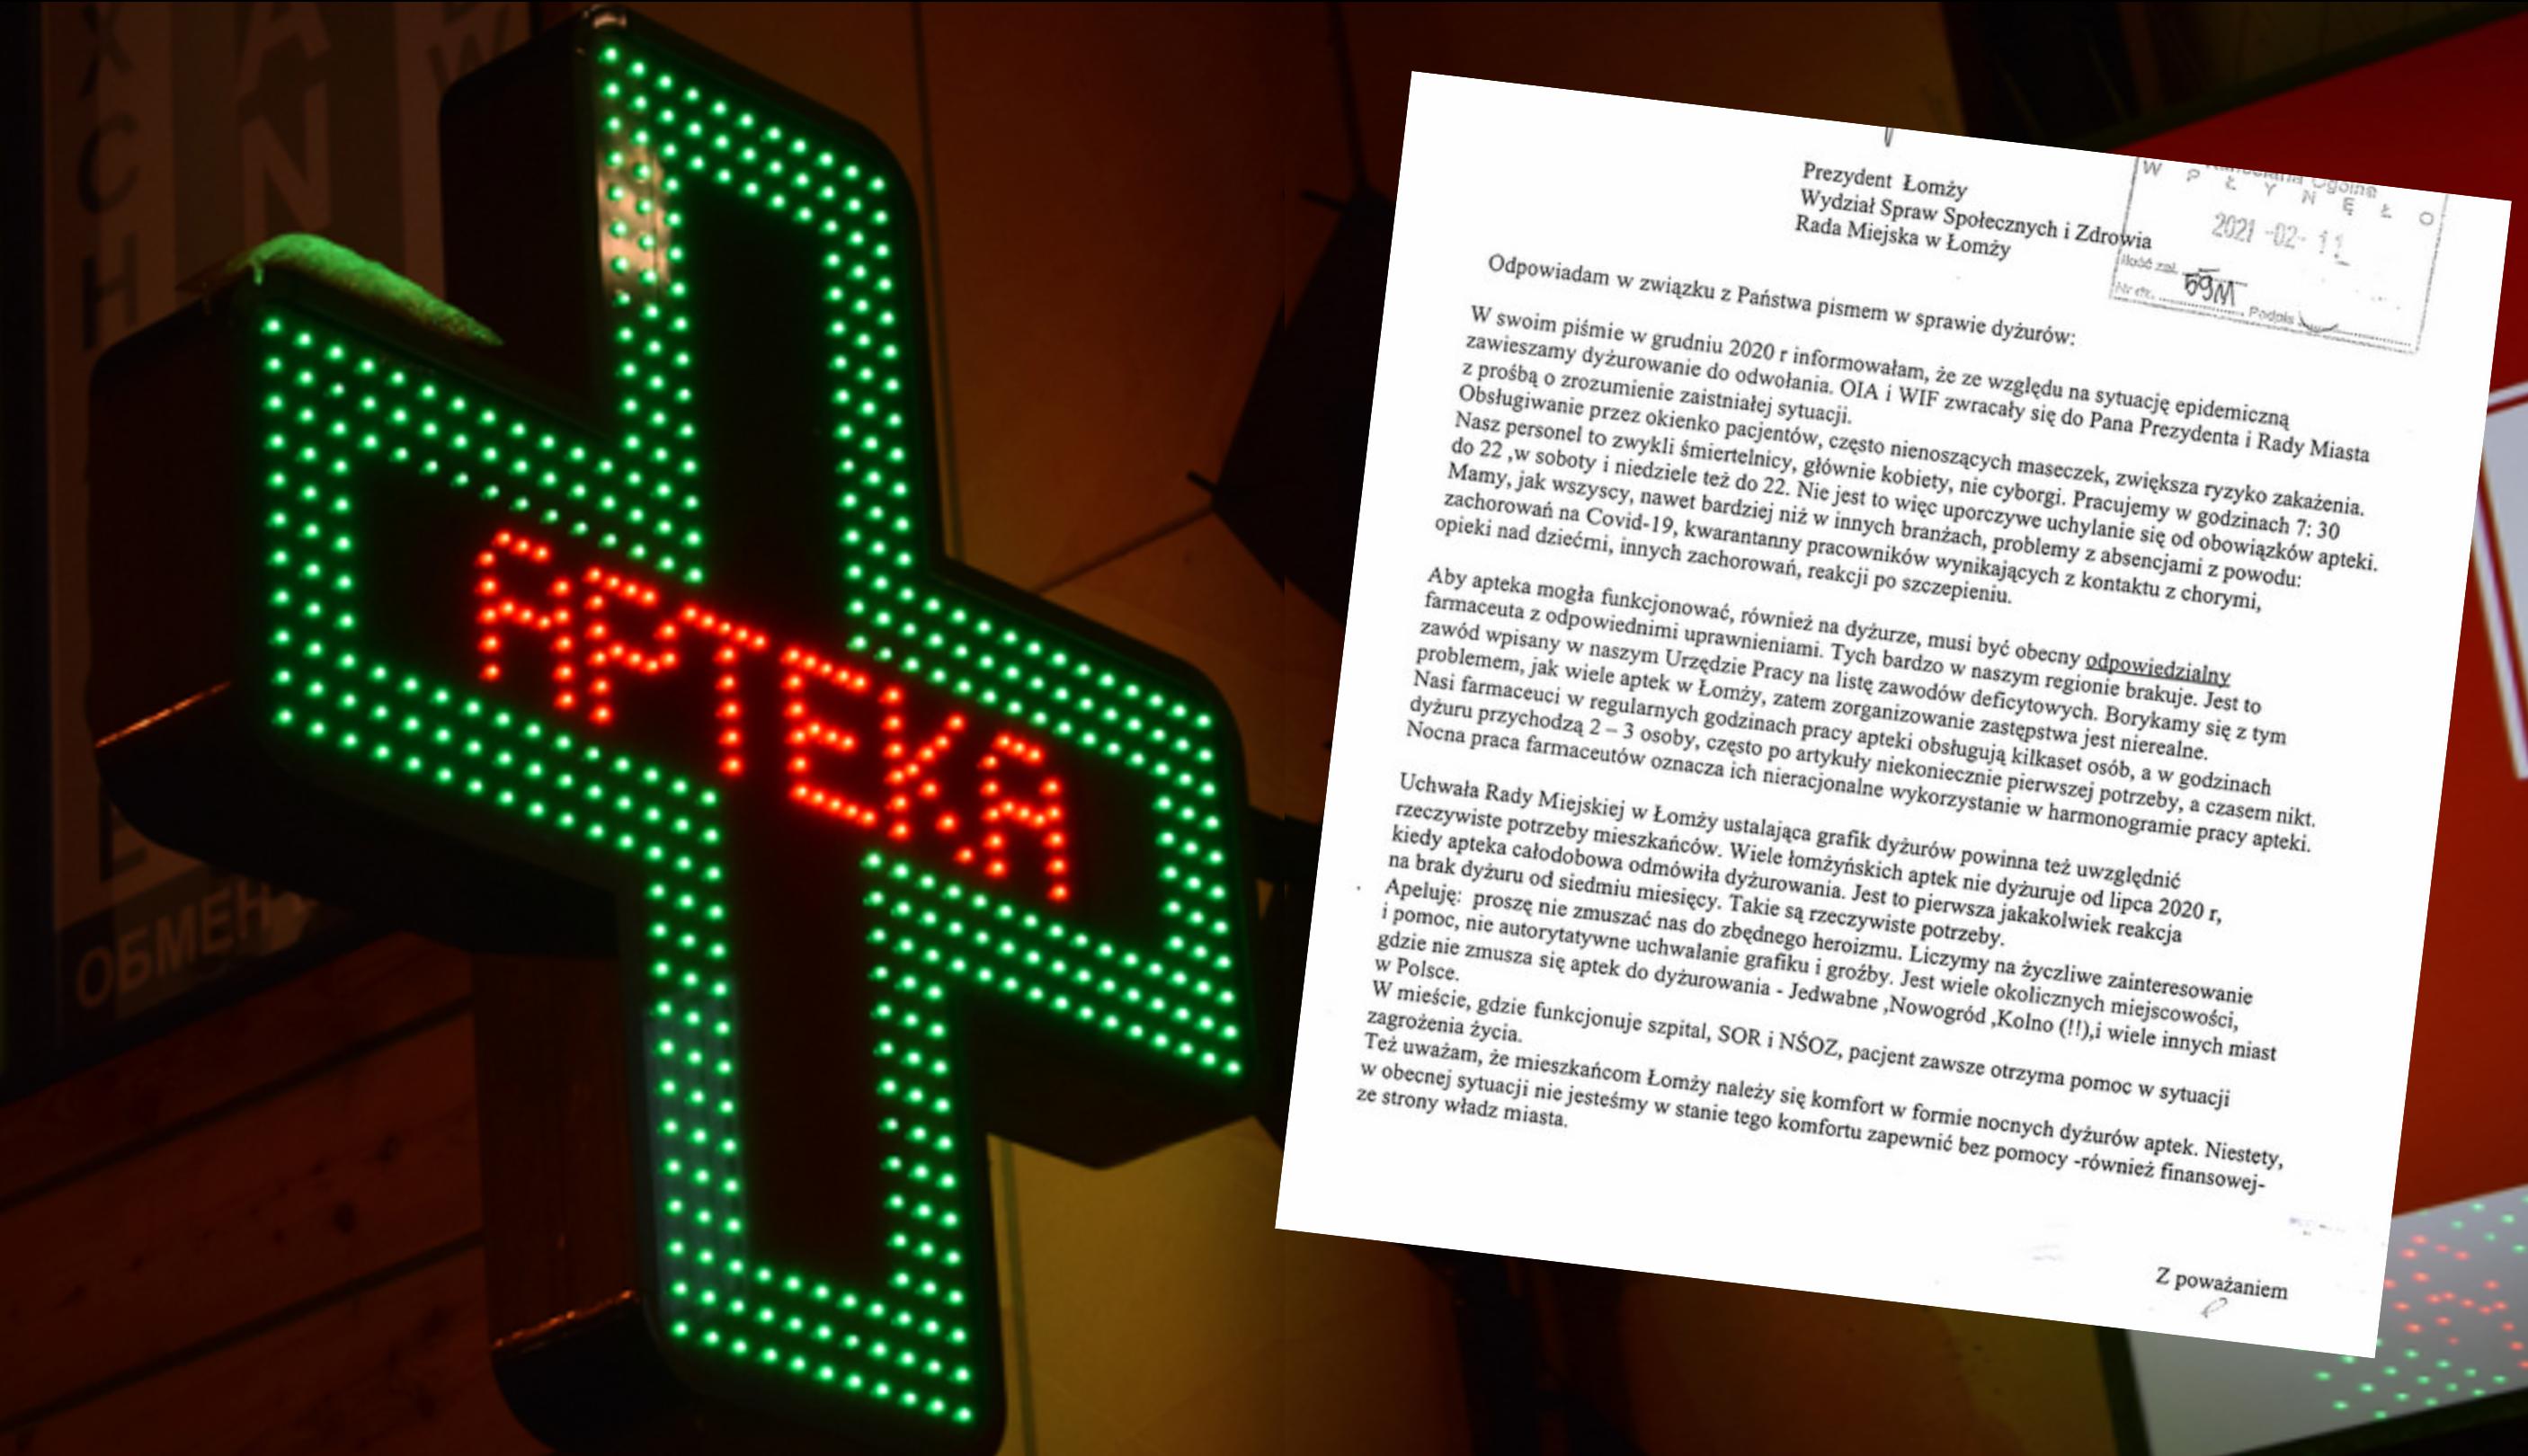 Właścicielka apteki w Łomży wskazuje w swoim liście, że uchwała Rady Miejskiej powinna uwzględniać realne potrzeby mieszkańców (fot. Shutterstock/lomza.pl)